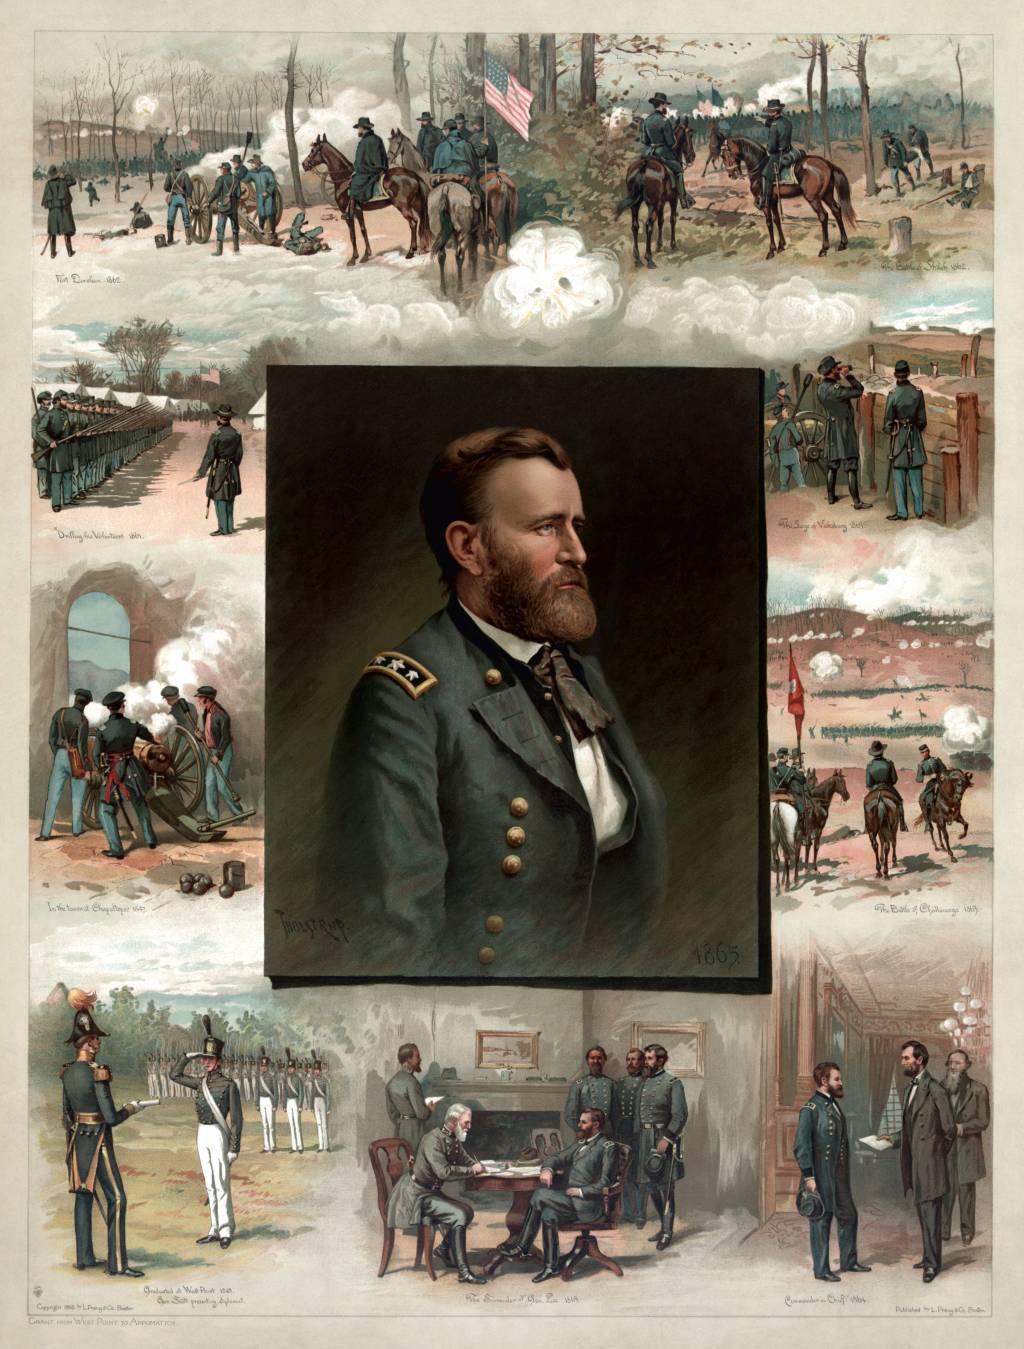 civil war battle essays Civil war battles essays: over 180,000 civil war battles essays, civil war battles term papers, civil war battles research paper, book reports 184 990 essays, term and research papers.